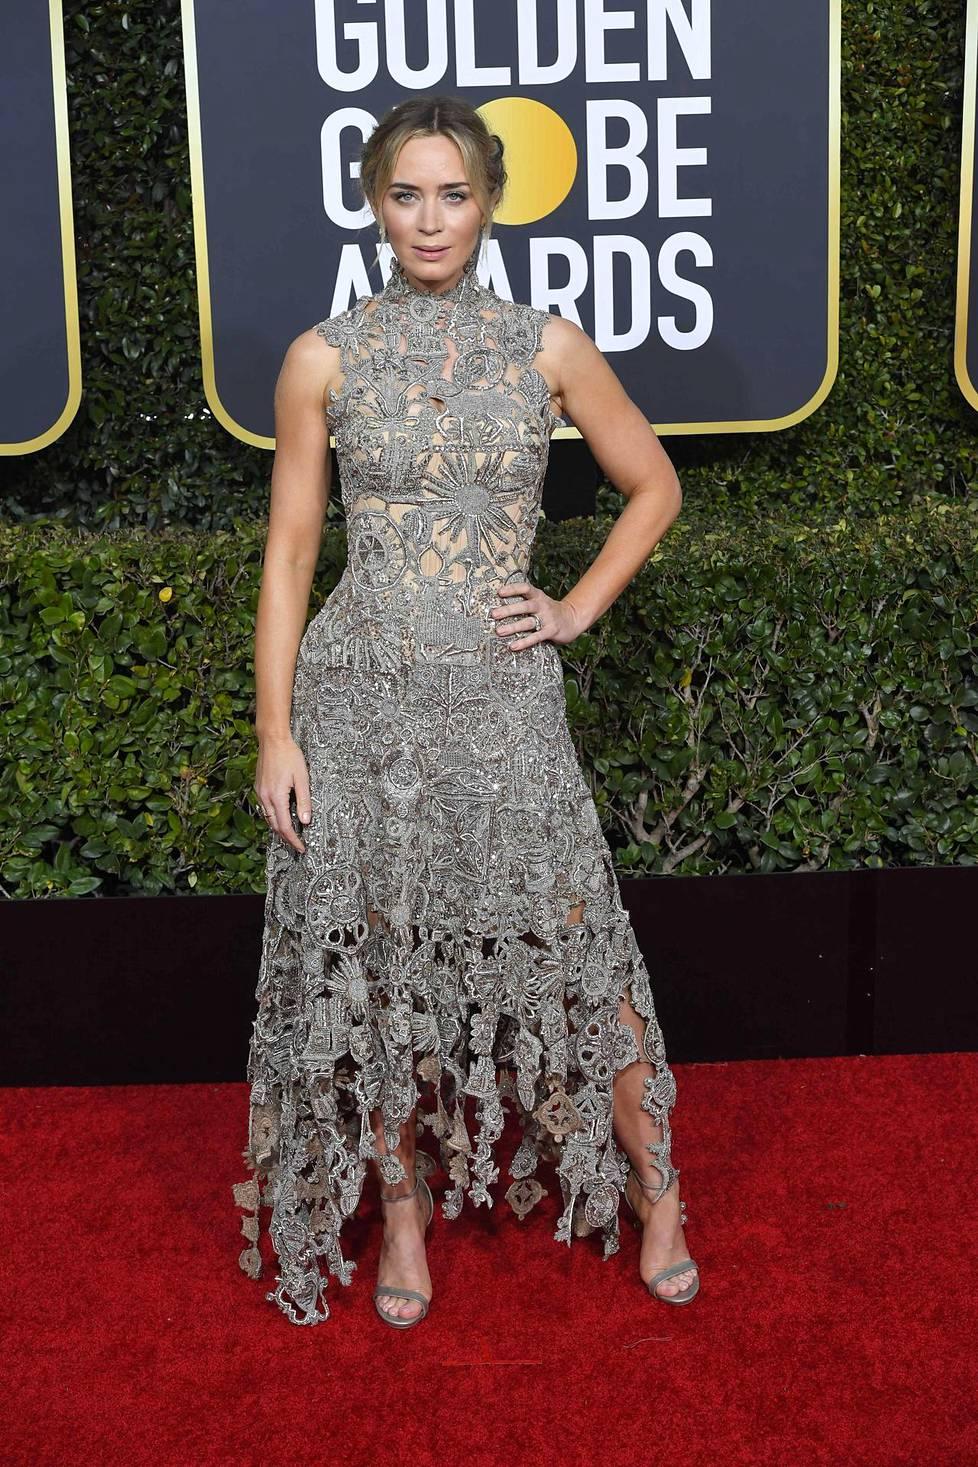 Emily Bluntin näyttävästi kirjailtu, hopeinen juhlaeleganssi sai suitsutusta muotilehdiltä. Blunt oli ehdolla parhaaksi naisnäyttelijäksi musikaalissa tai komediassa, mutta voiton vei Olivia Colman.